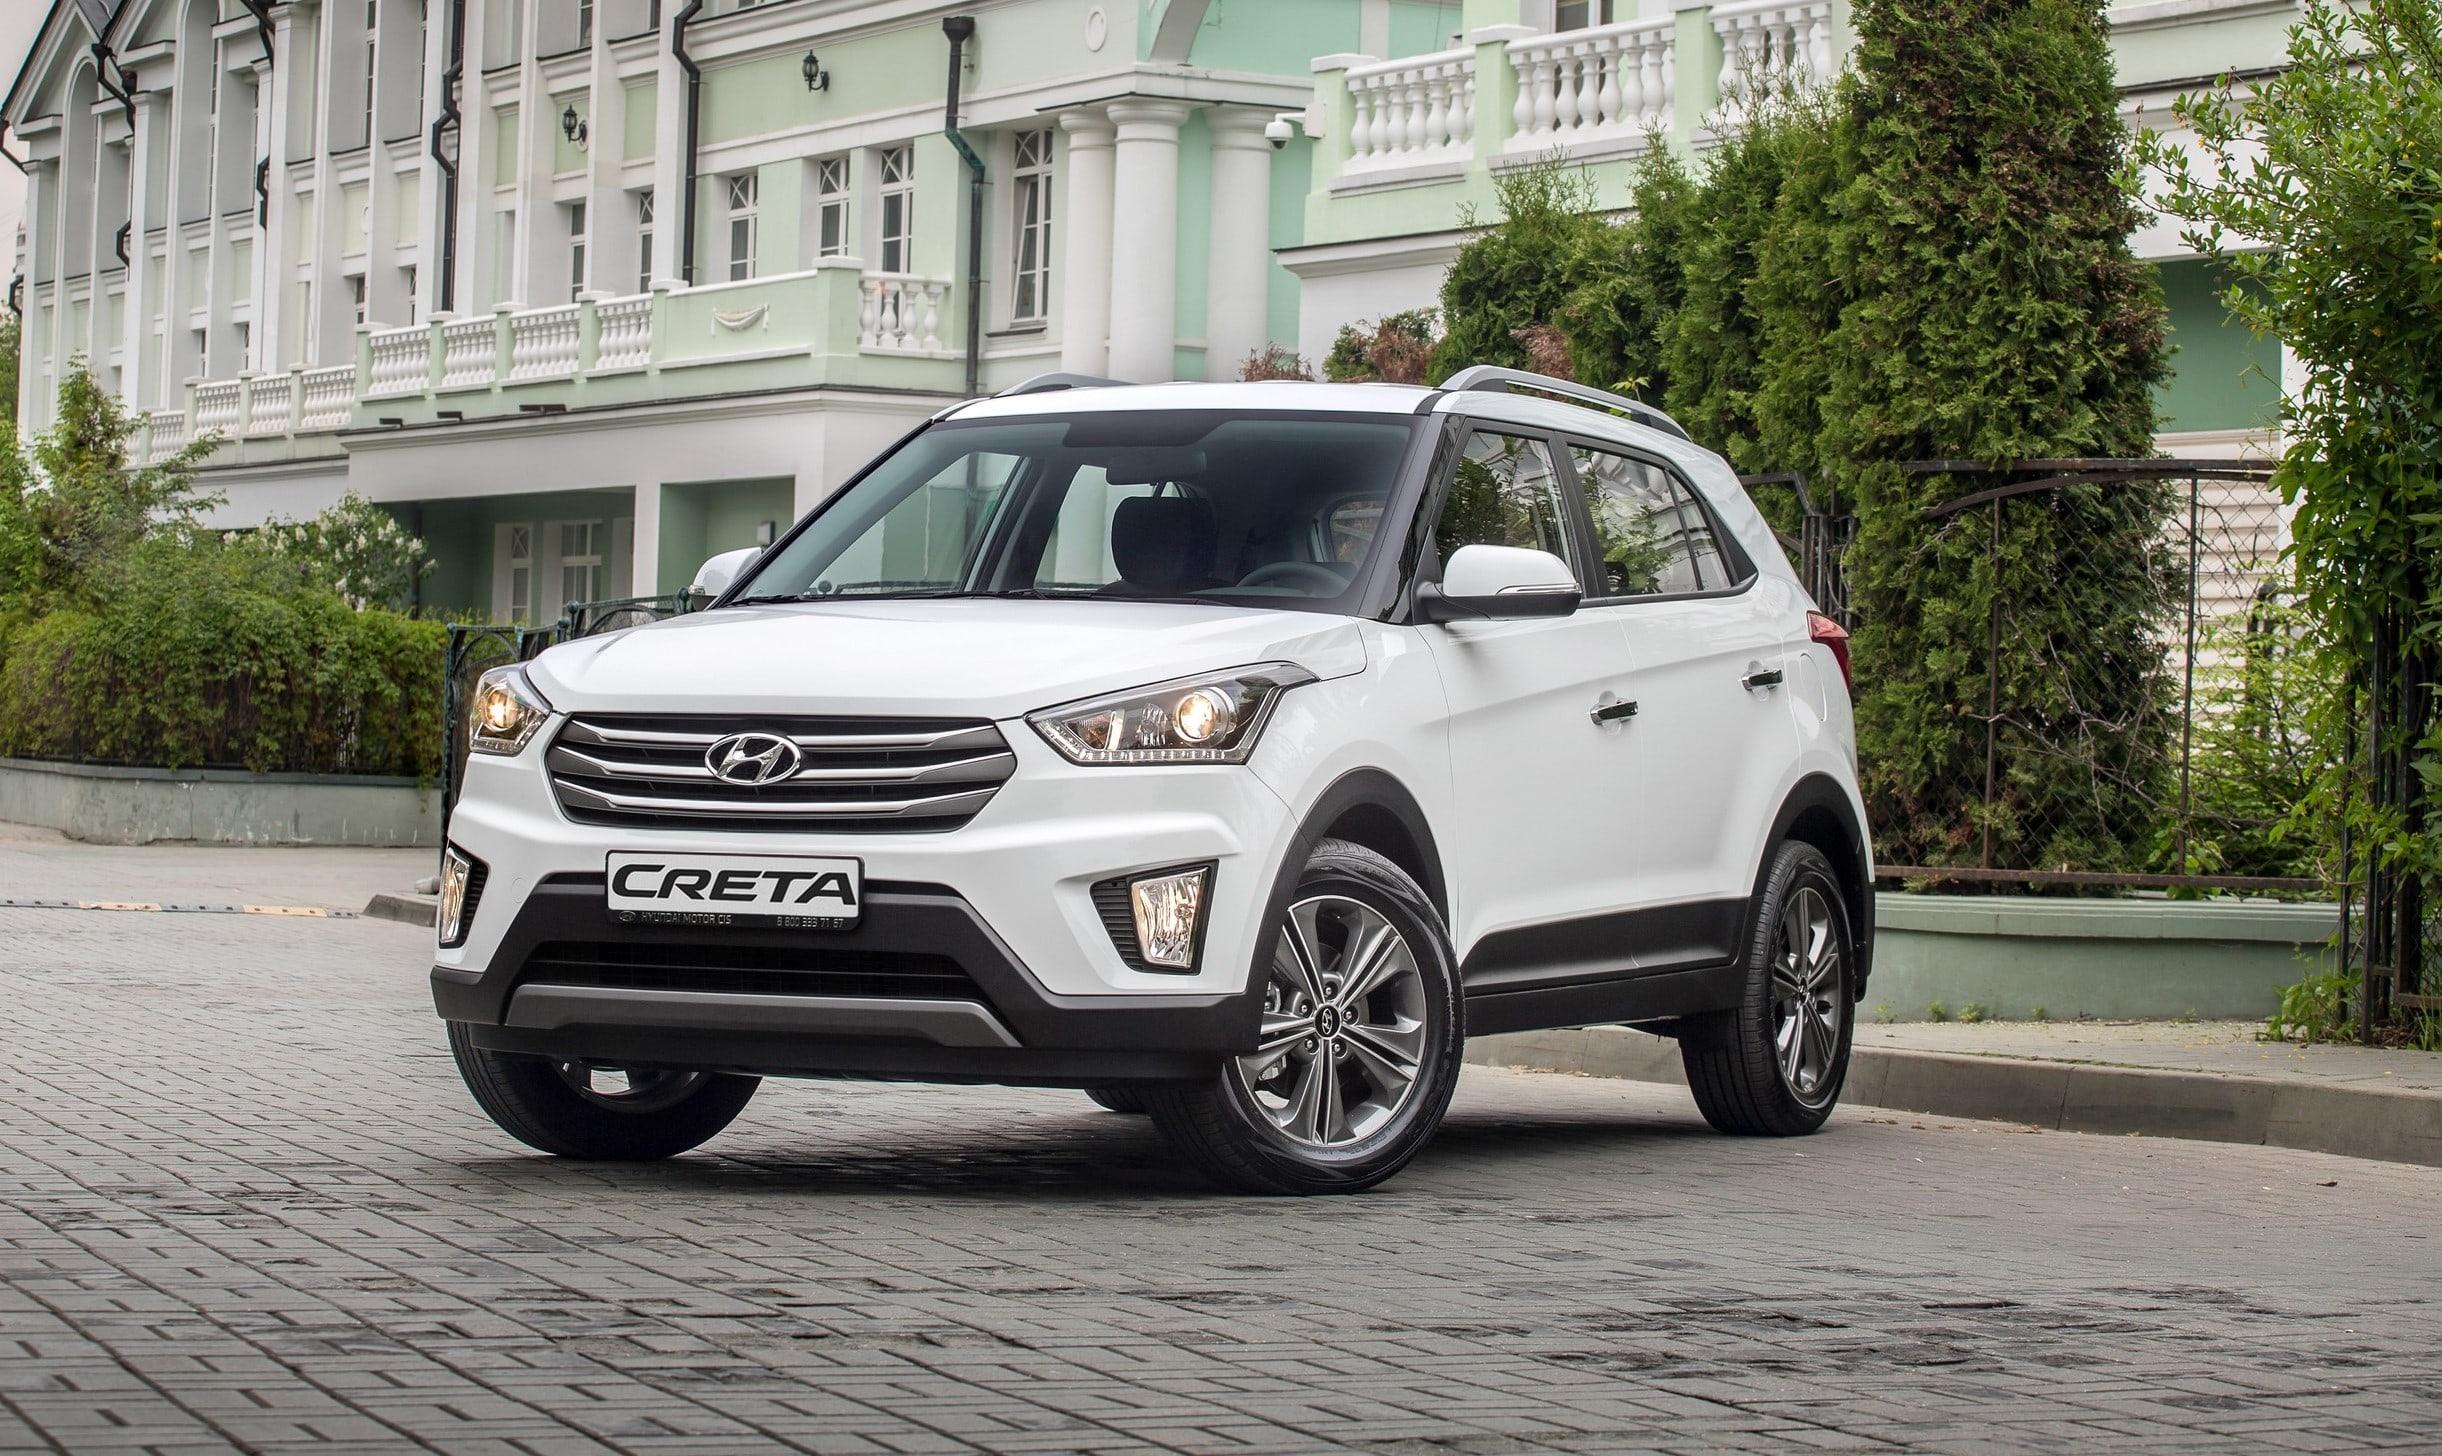 Hyundai Creta Widescreen